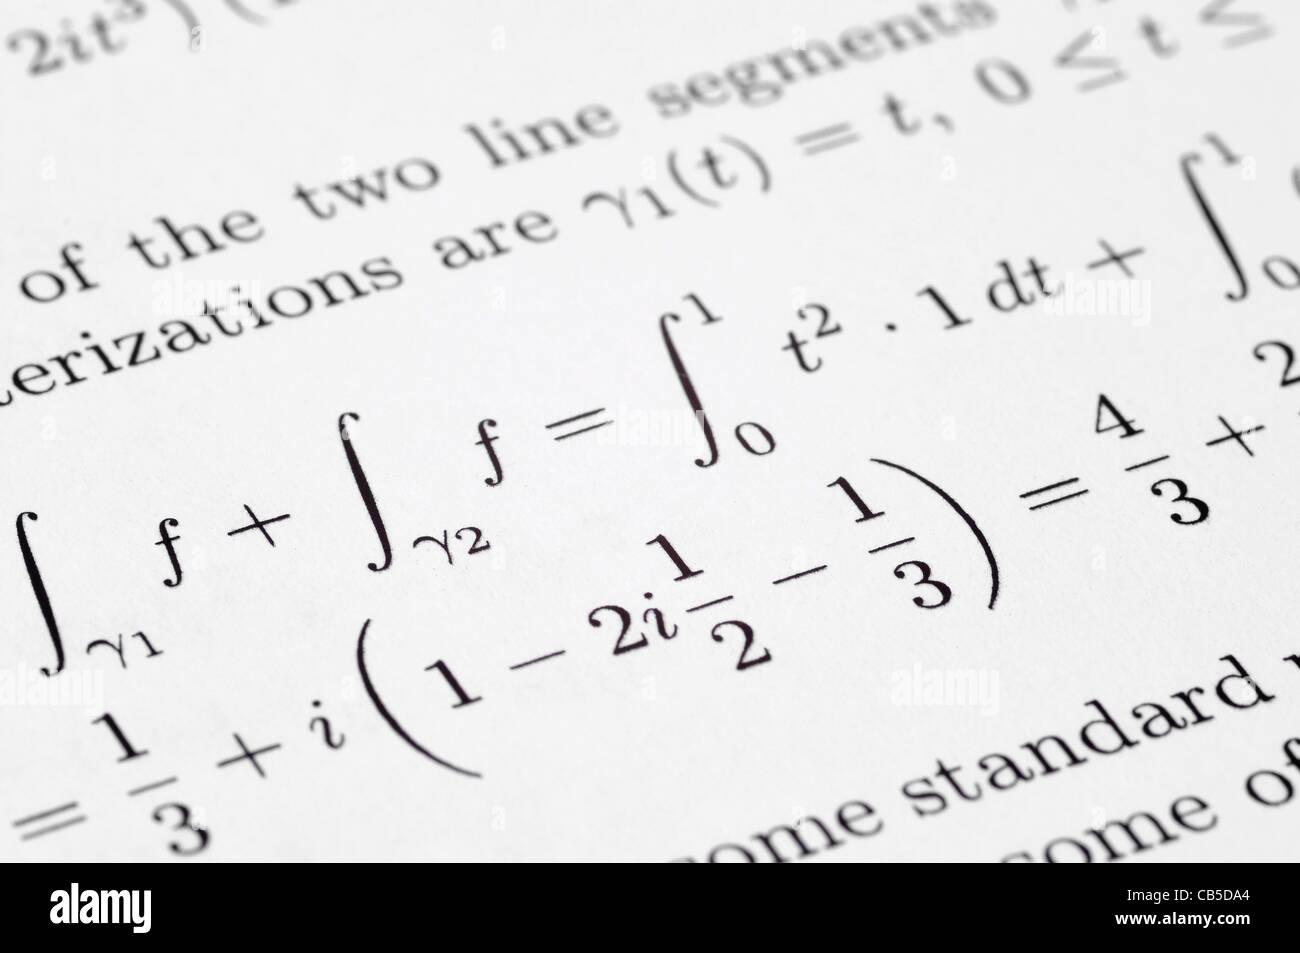 Equazioni matematiche su una carta della scuola Immagini Stock